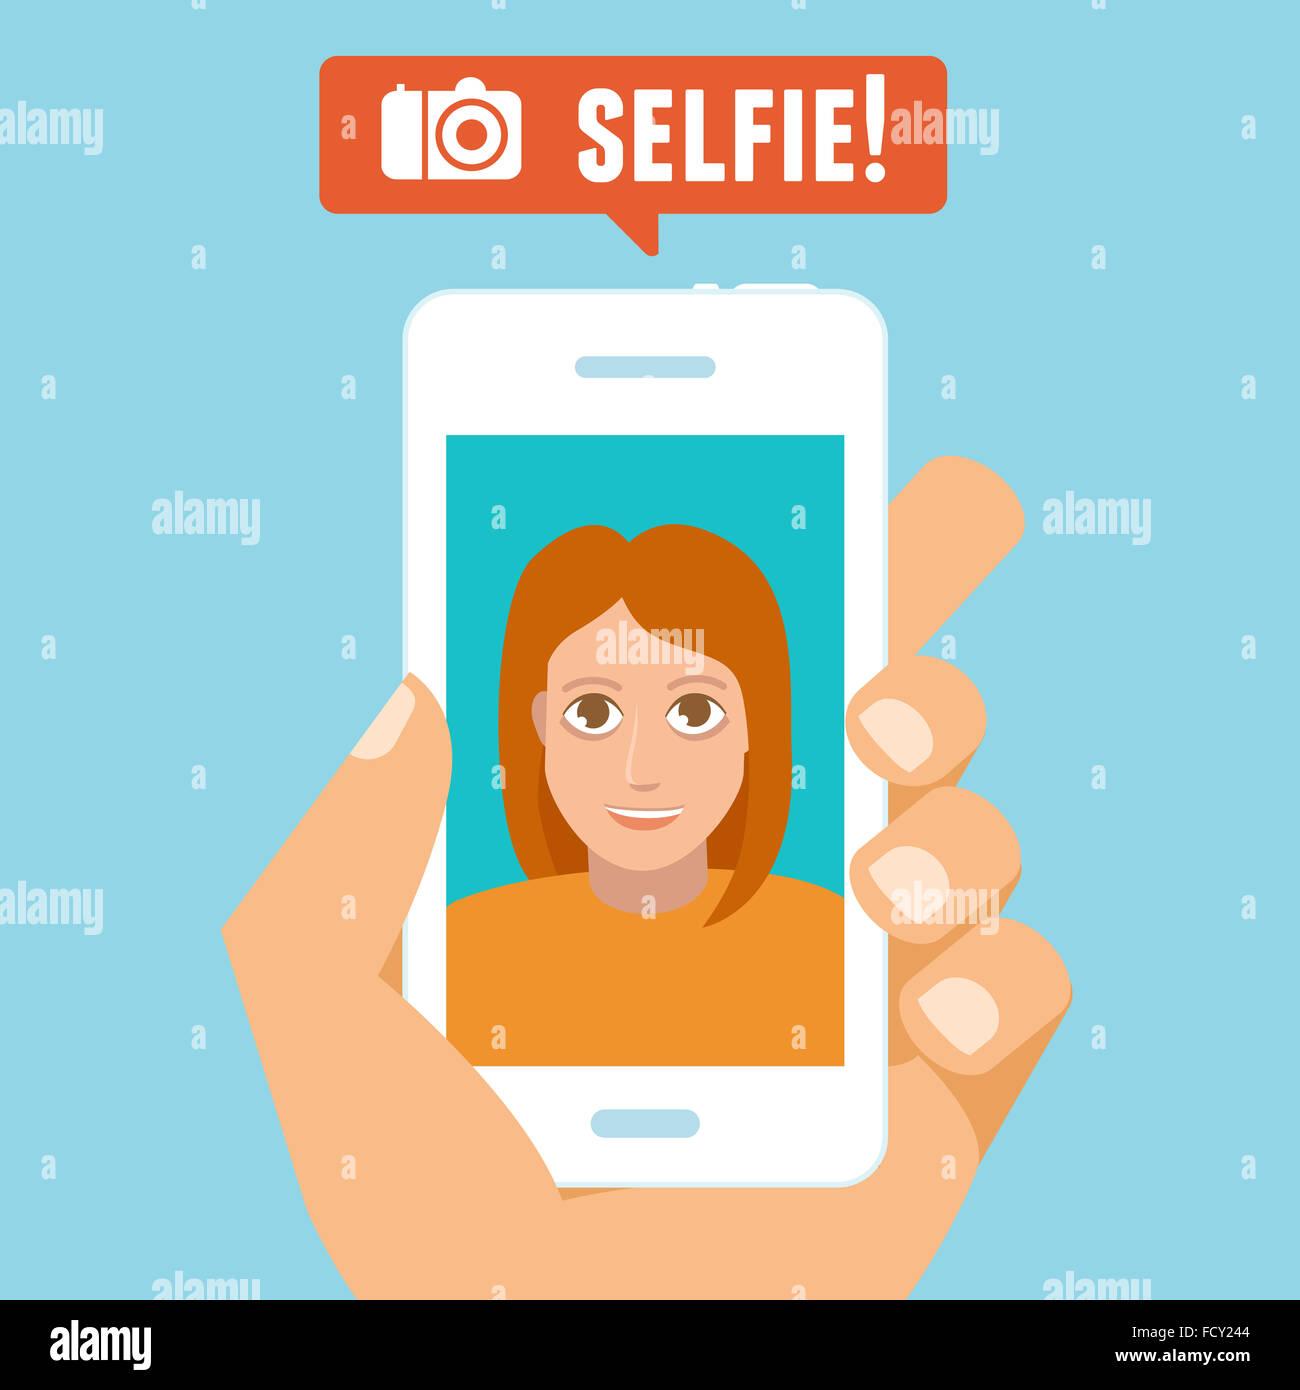 Concetto Selfie - carattere piatto tenendo selfie da telefono cellulare - nuovo concetto tecnologico Immagini Stock